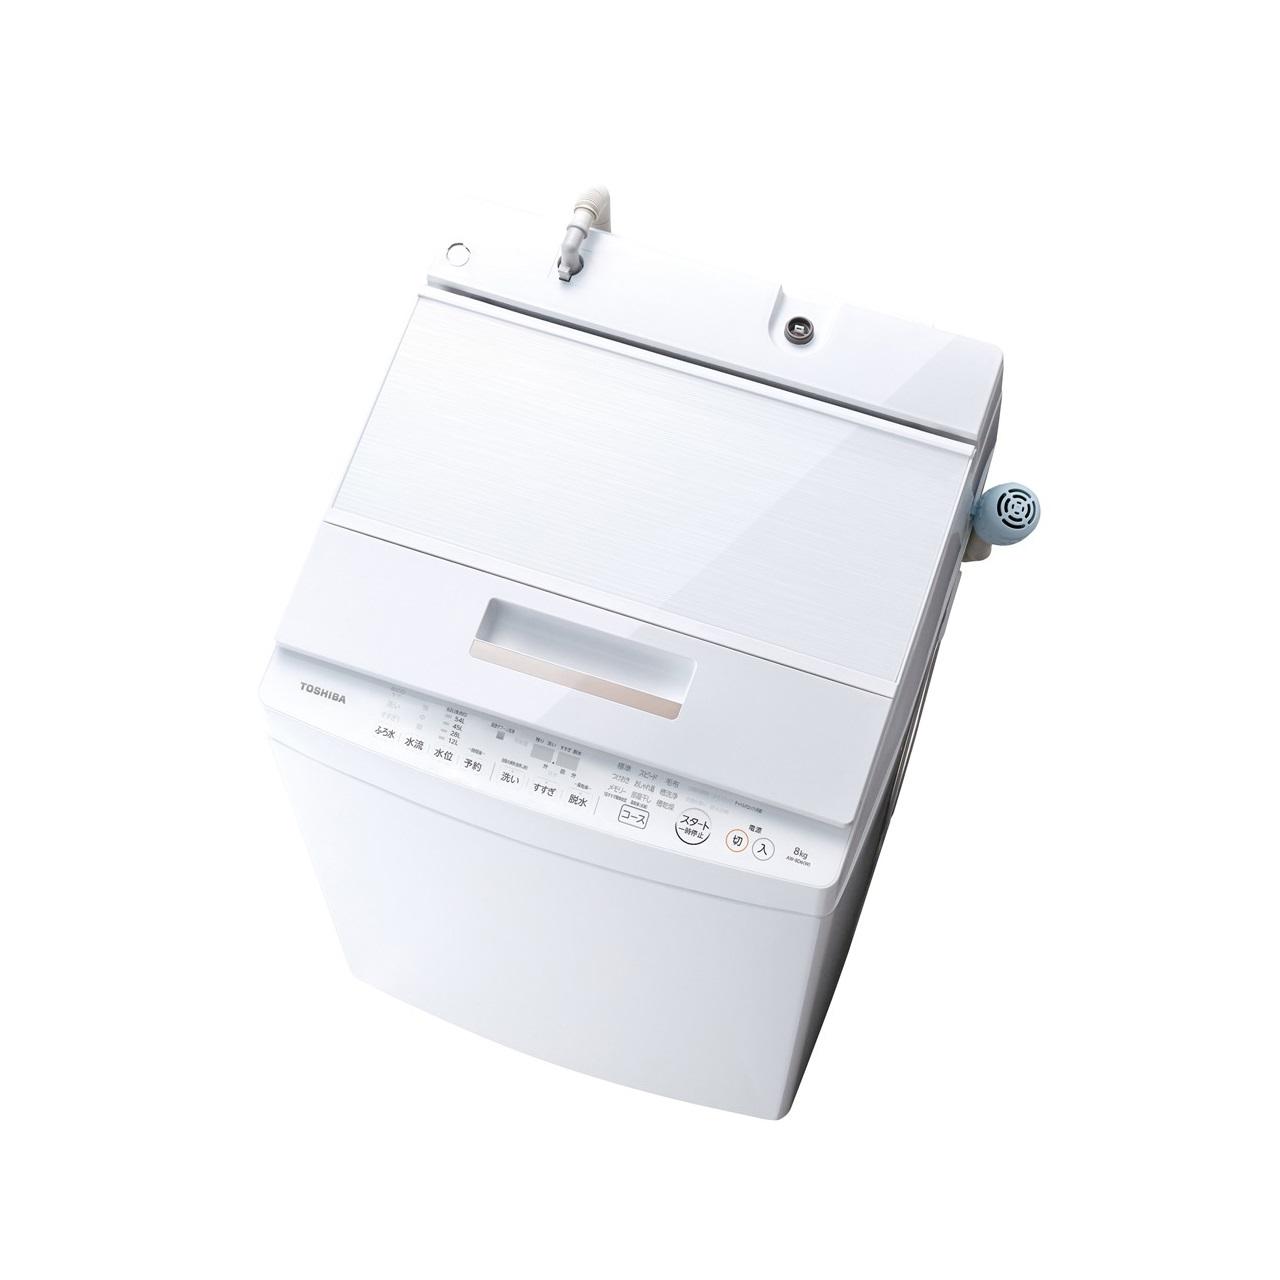 東芝AW-8D6全自動洗濯機